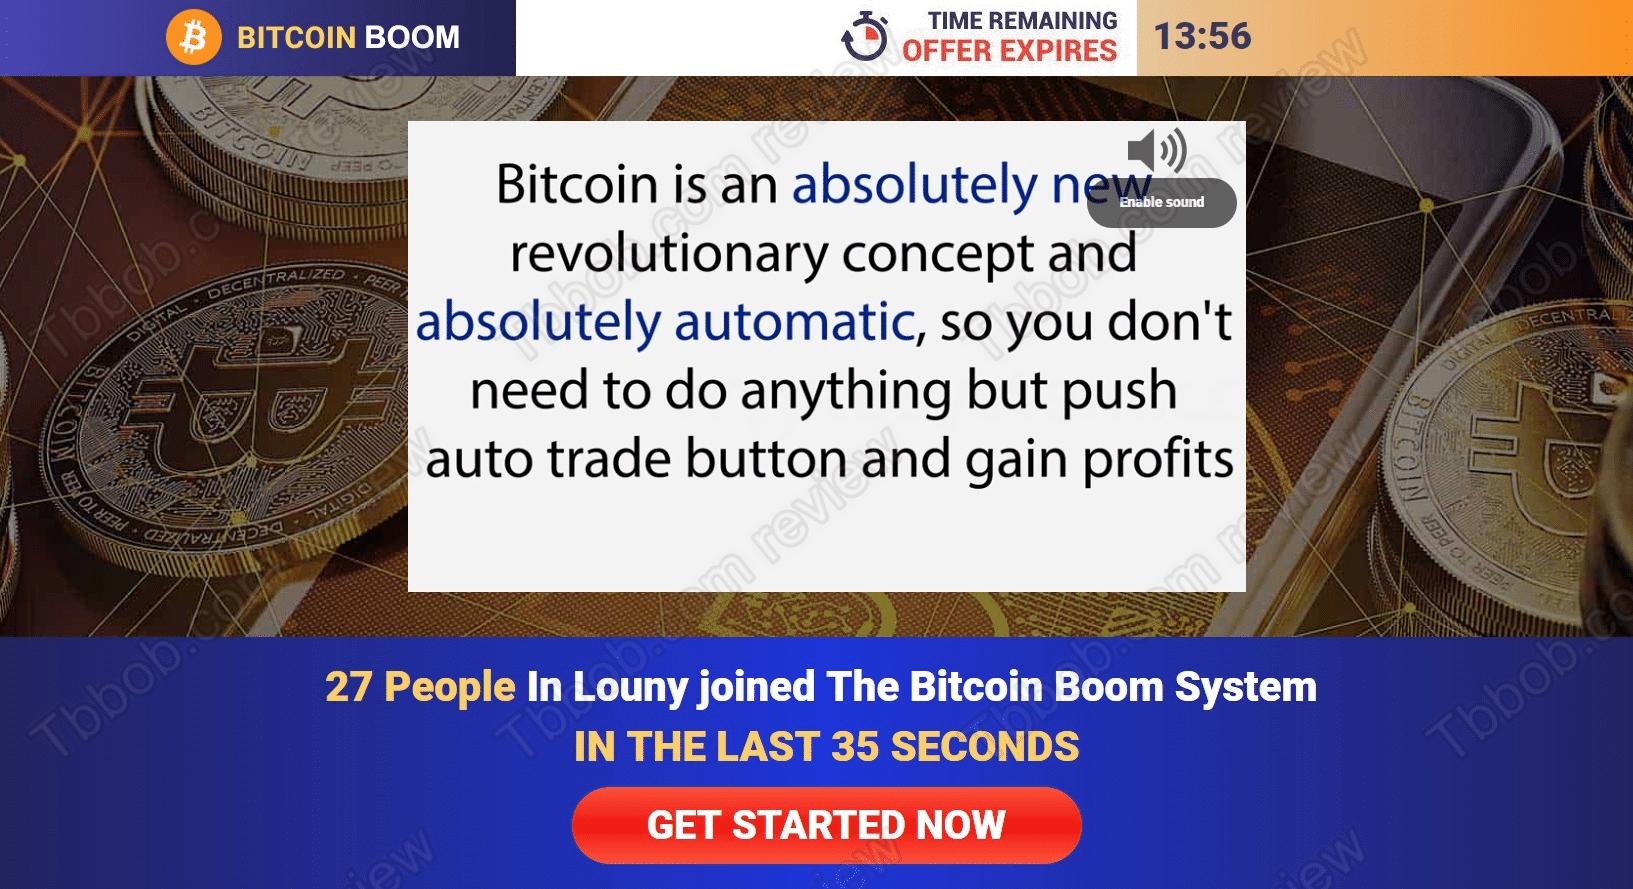 Bitcoin Boom Come funziona?